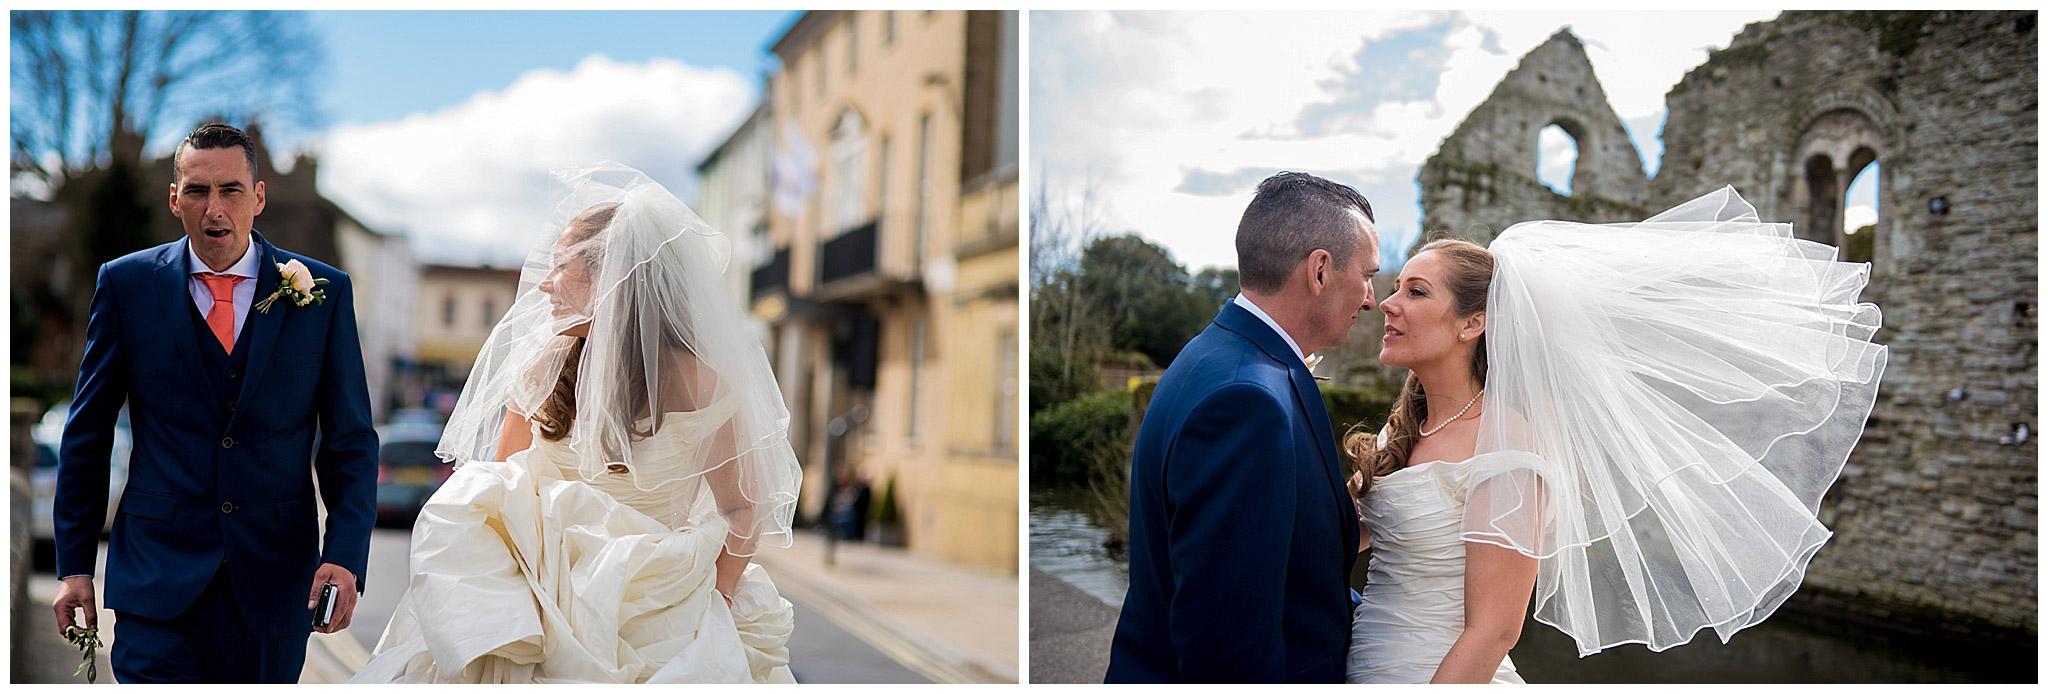 Katie-&-Steve-Victoria-Park-Methodist-Chruch-Winton-&-The-Manor-Burton-Christchurch-Wedding-31